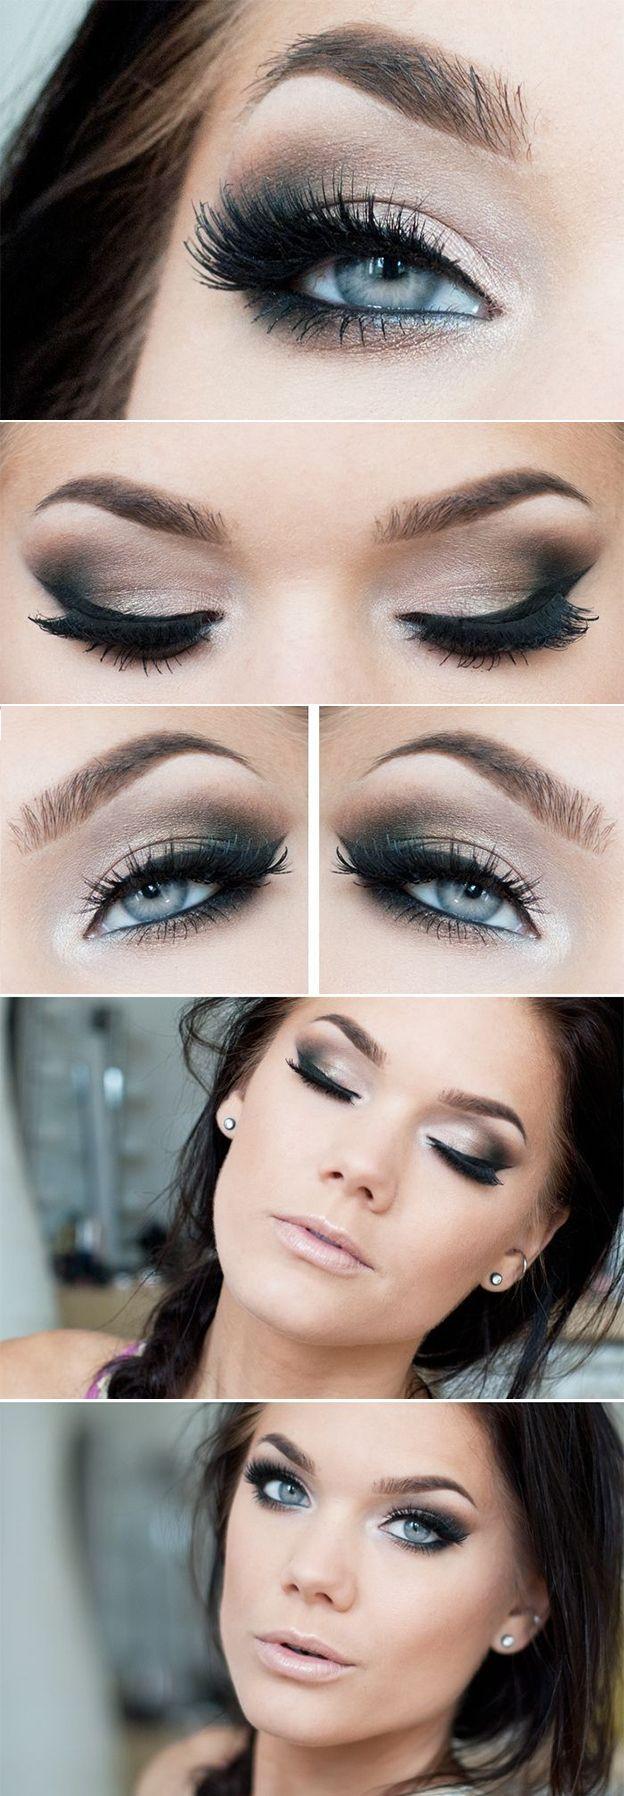 Как правильно красить голубые глаза: секреты макияжа ...